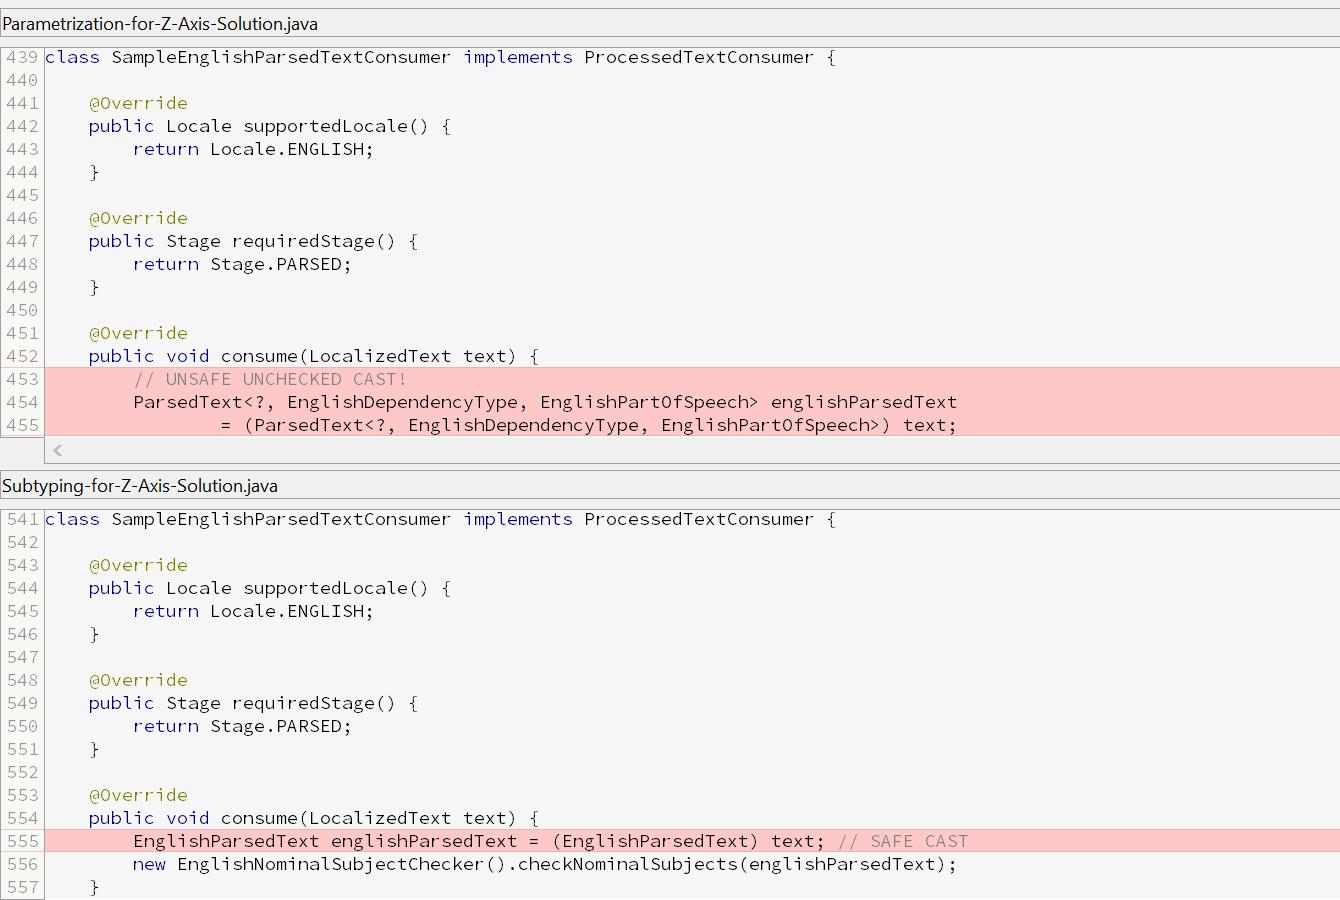 SampleEnglishParsedTextConsumer (diff from SmartGit)